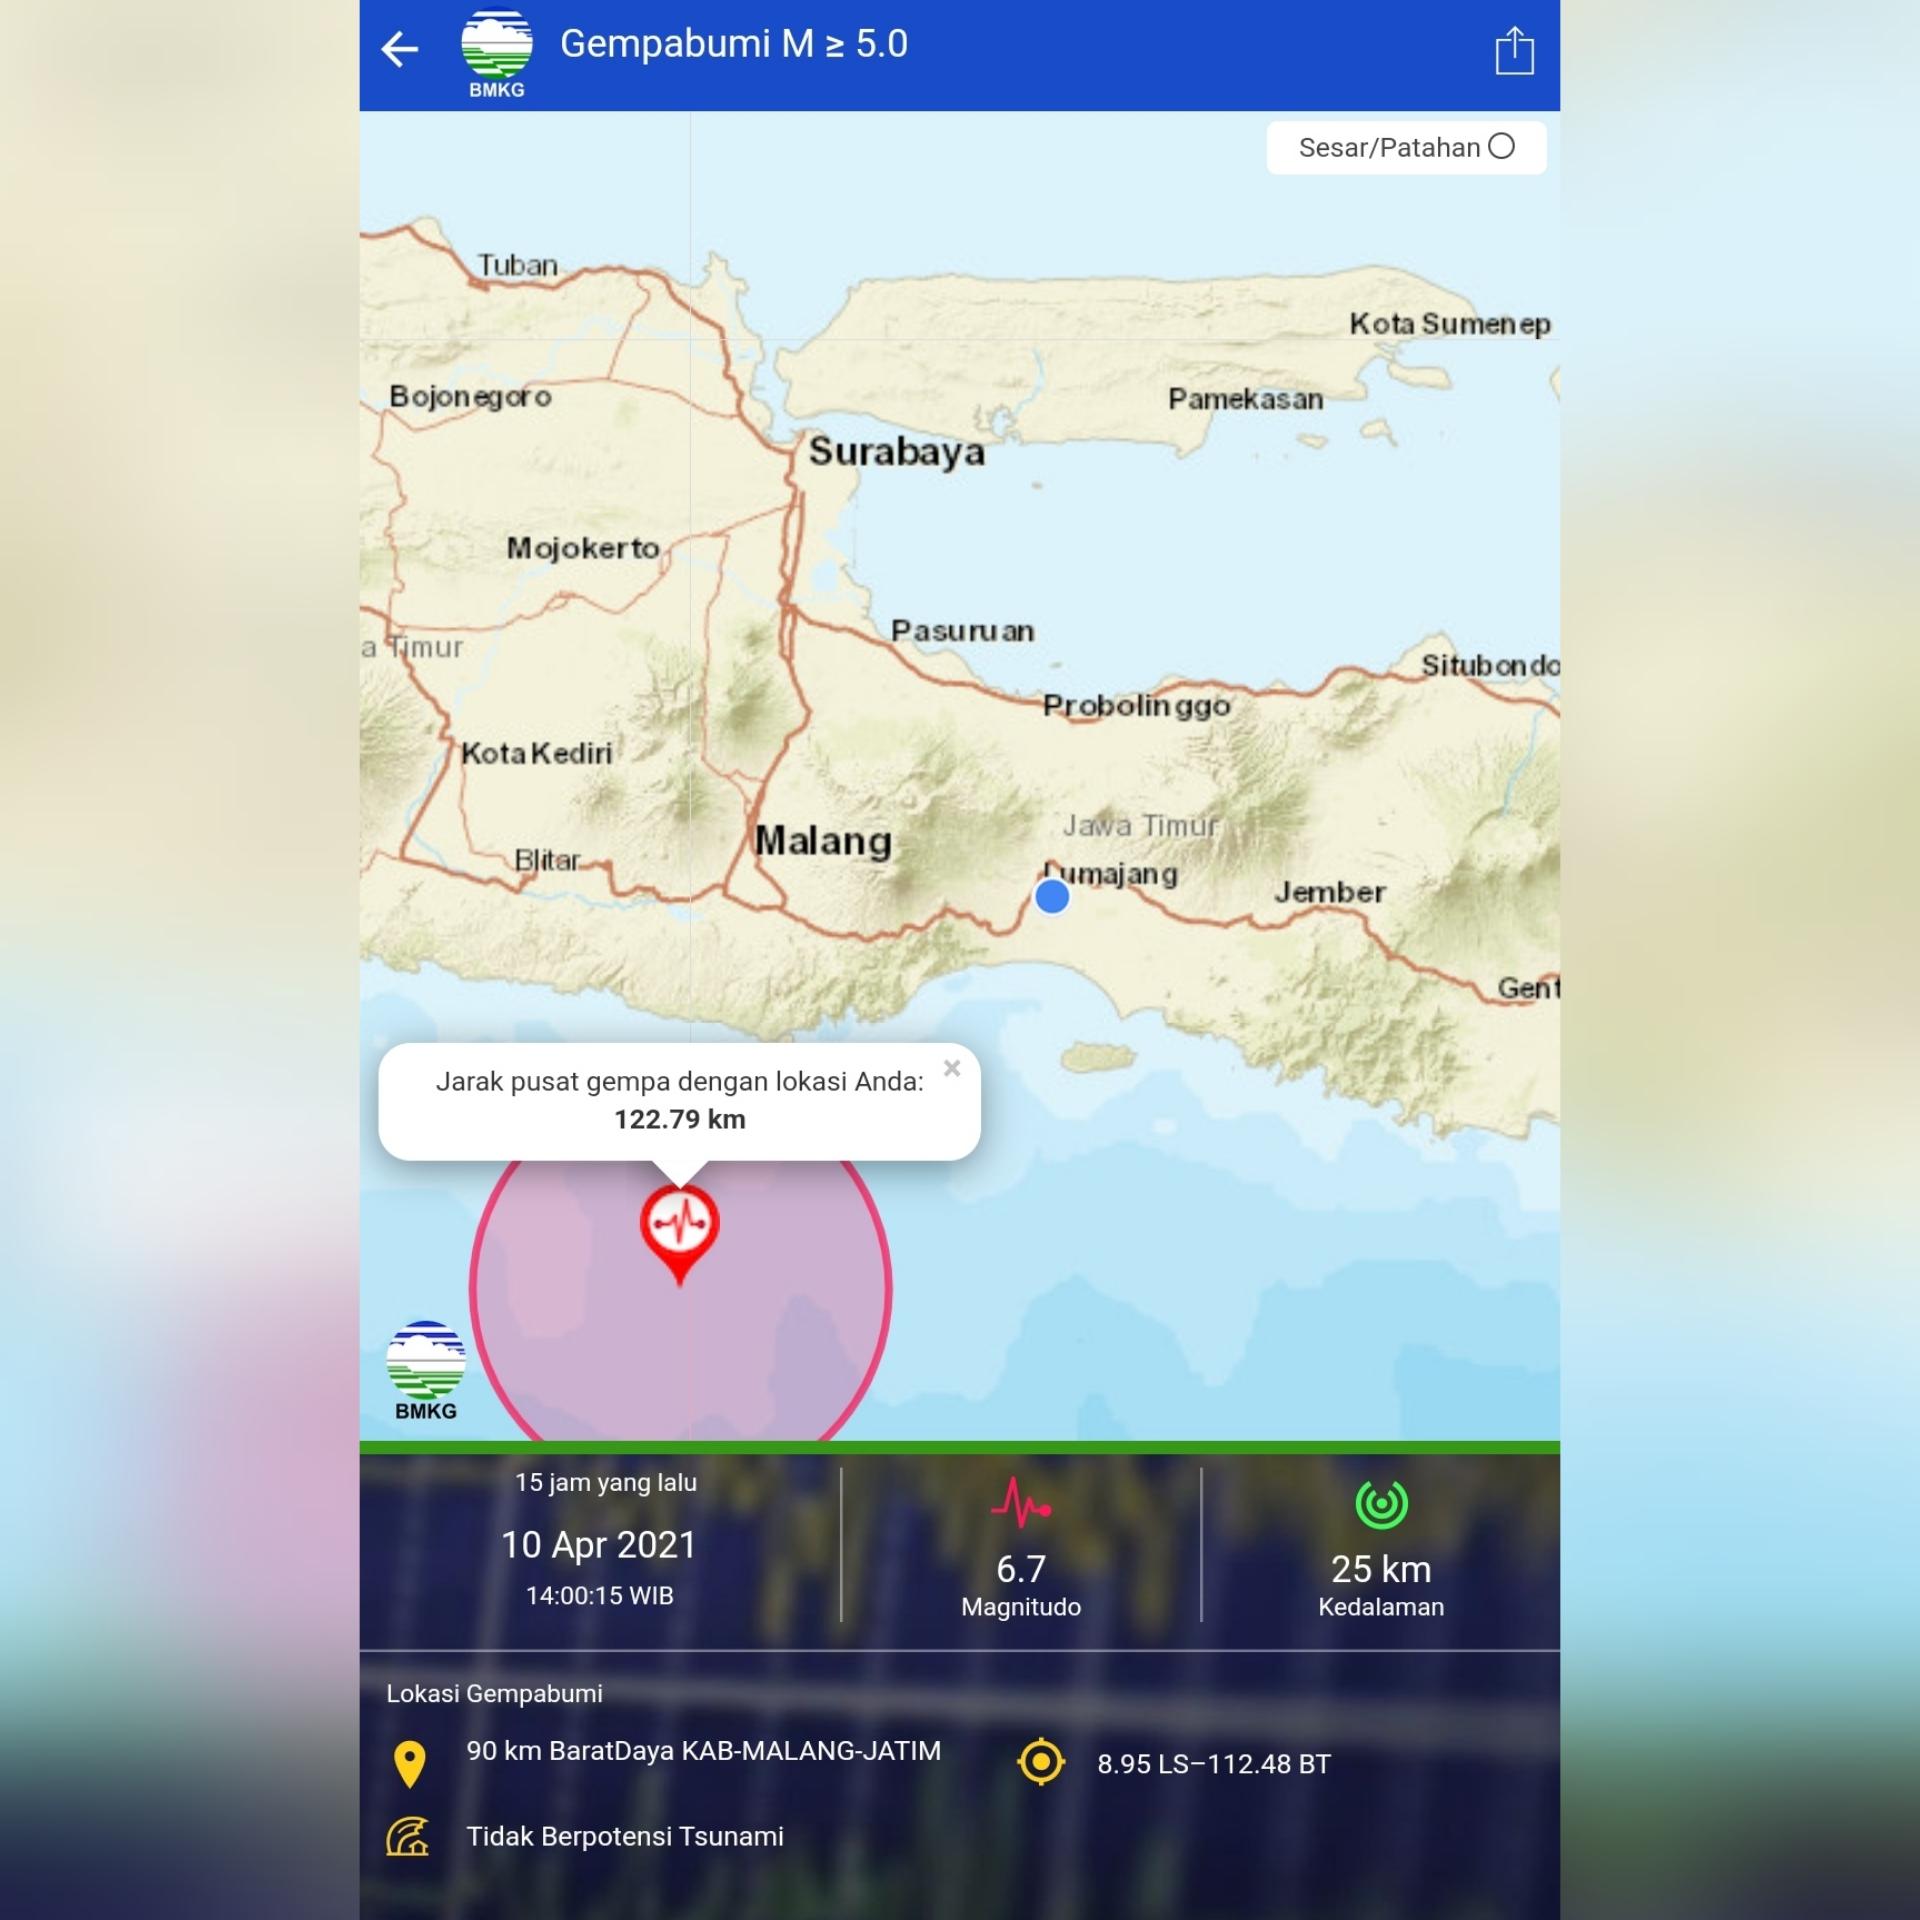 Hampir Separuh Wilayah Kabupaten Lumajang Terdampak Gempa